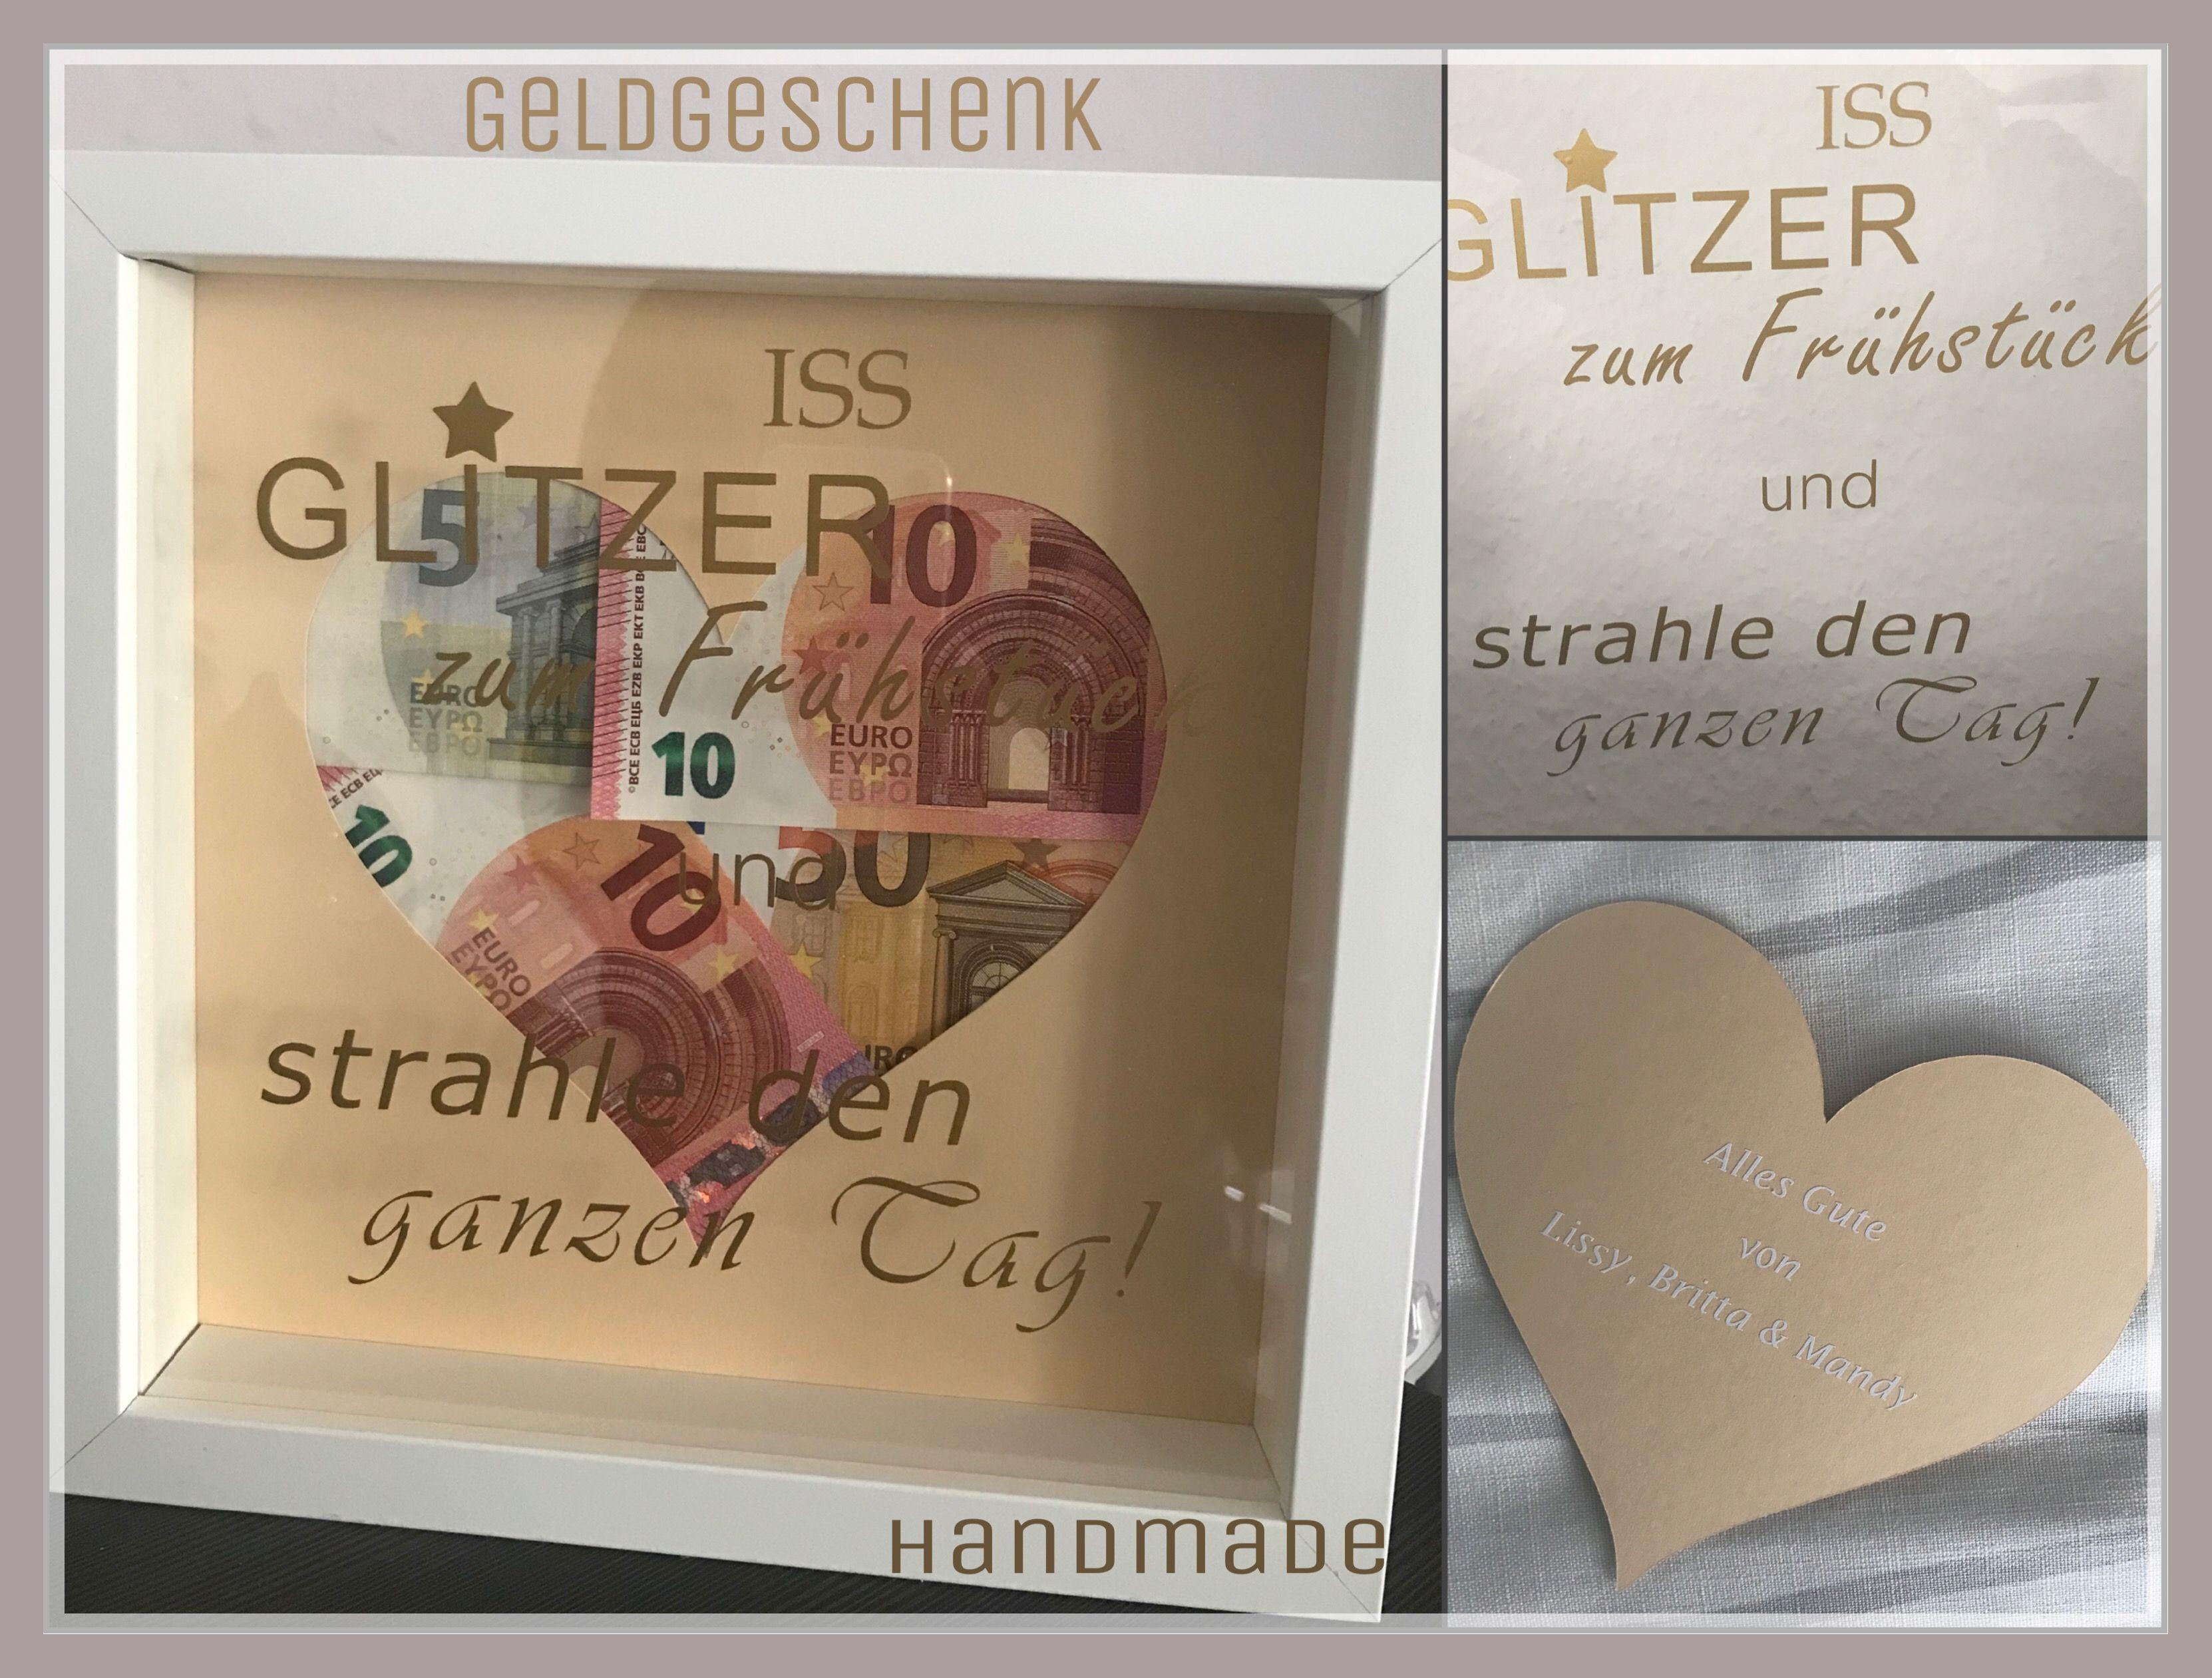 Hochzeit Geldgeschenk Spruch Geldgeschenke Pralinen Sandra Pinterest